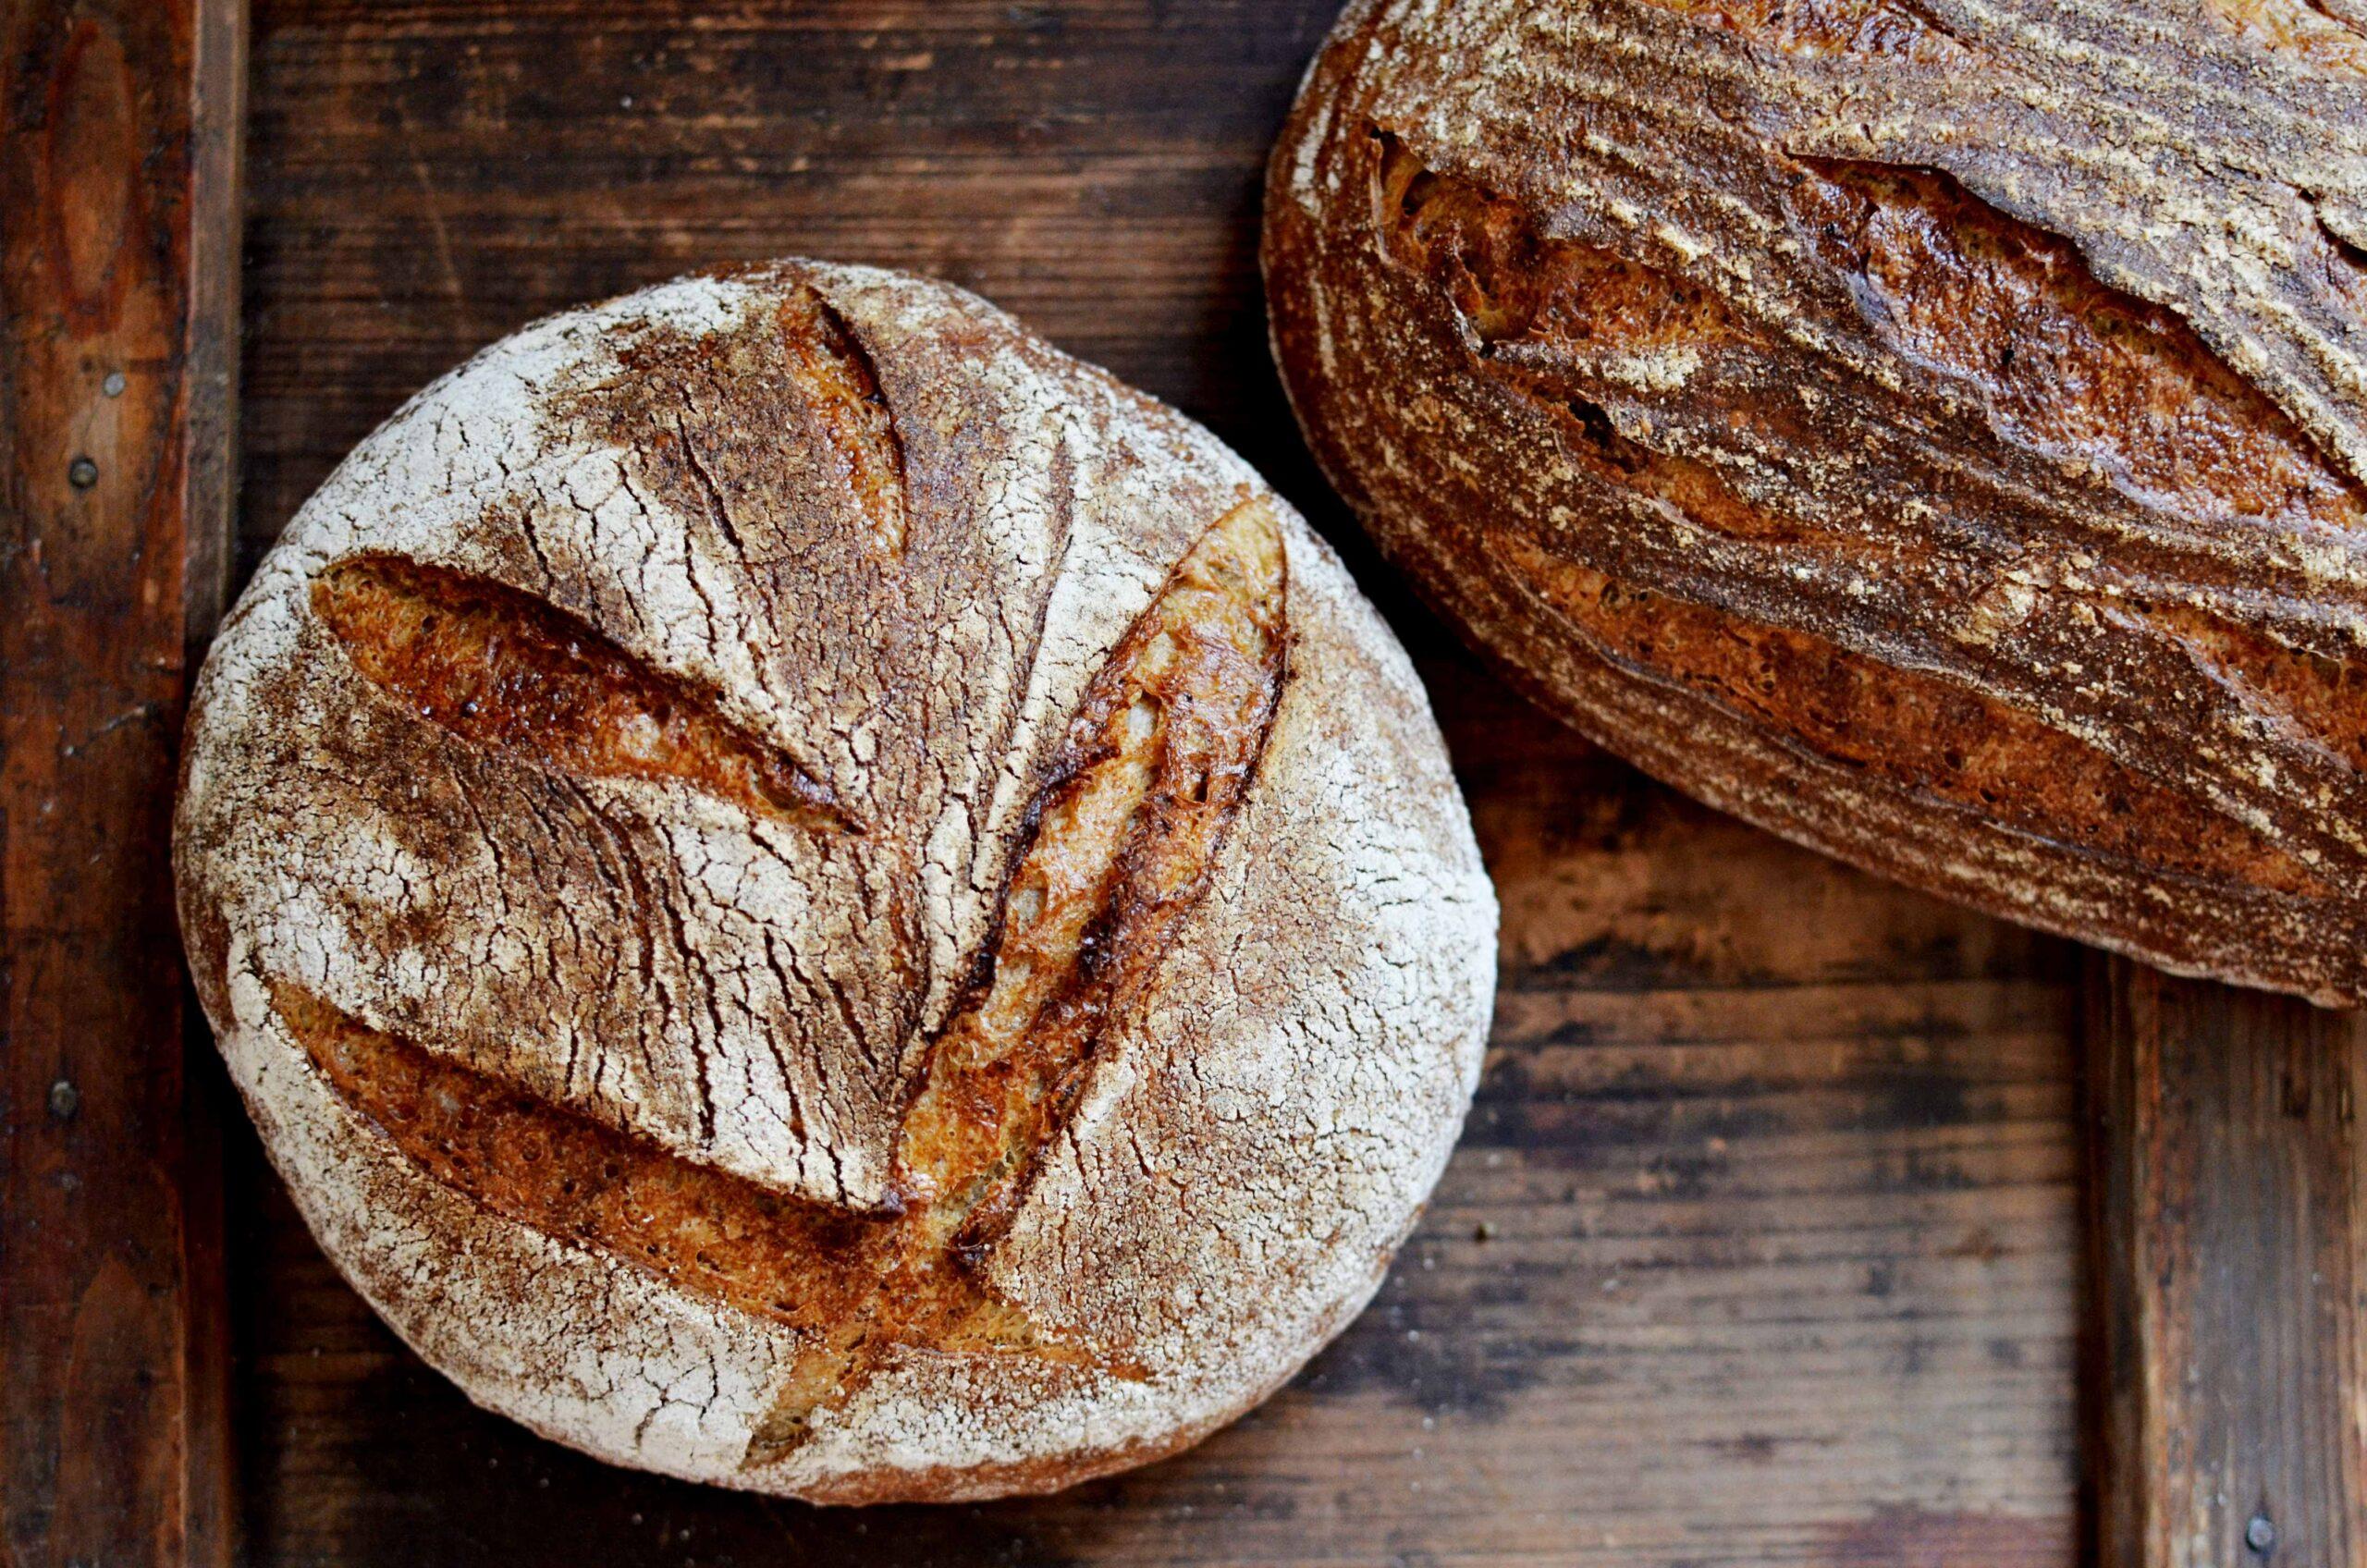 Spasí kváskový chleba vaše trávení?